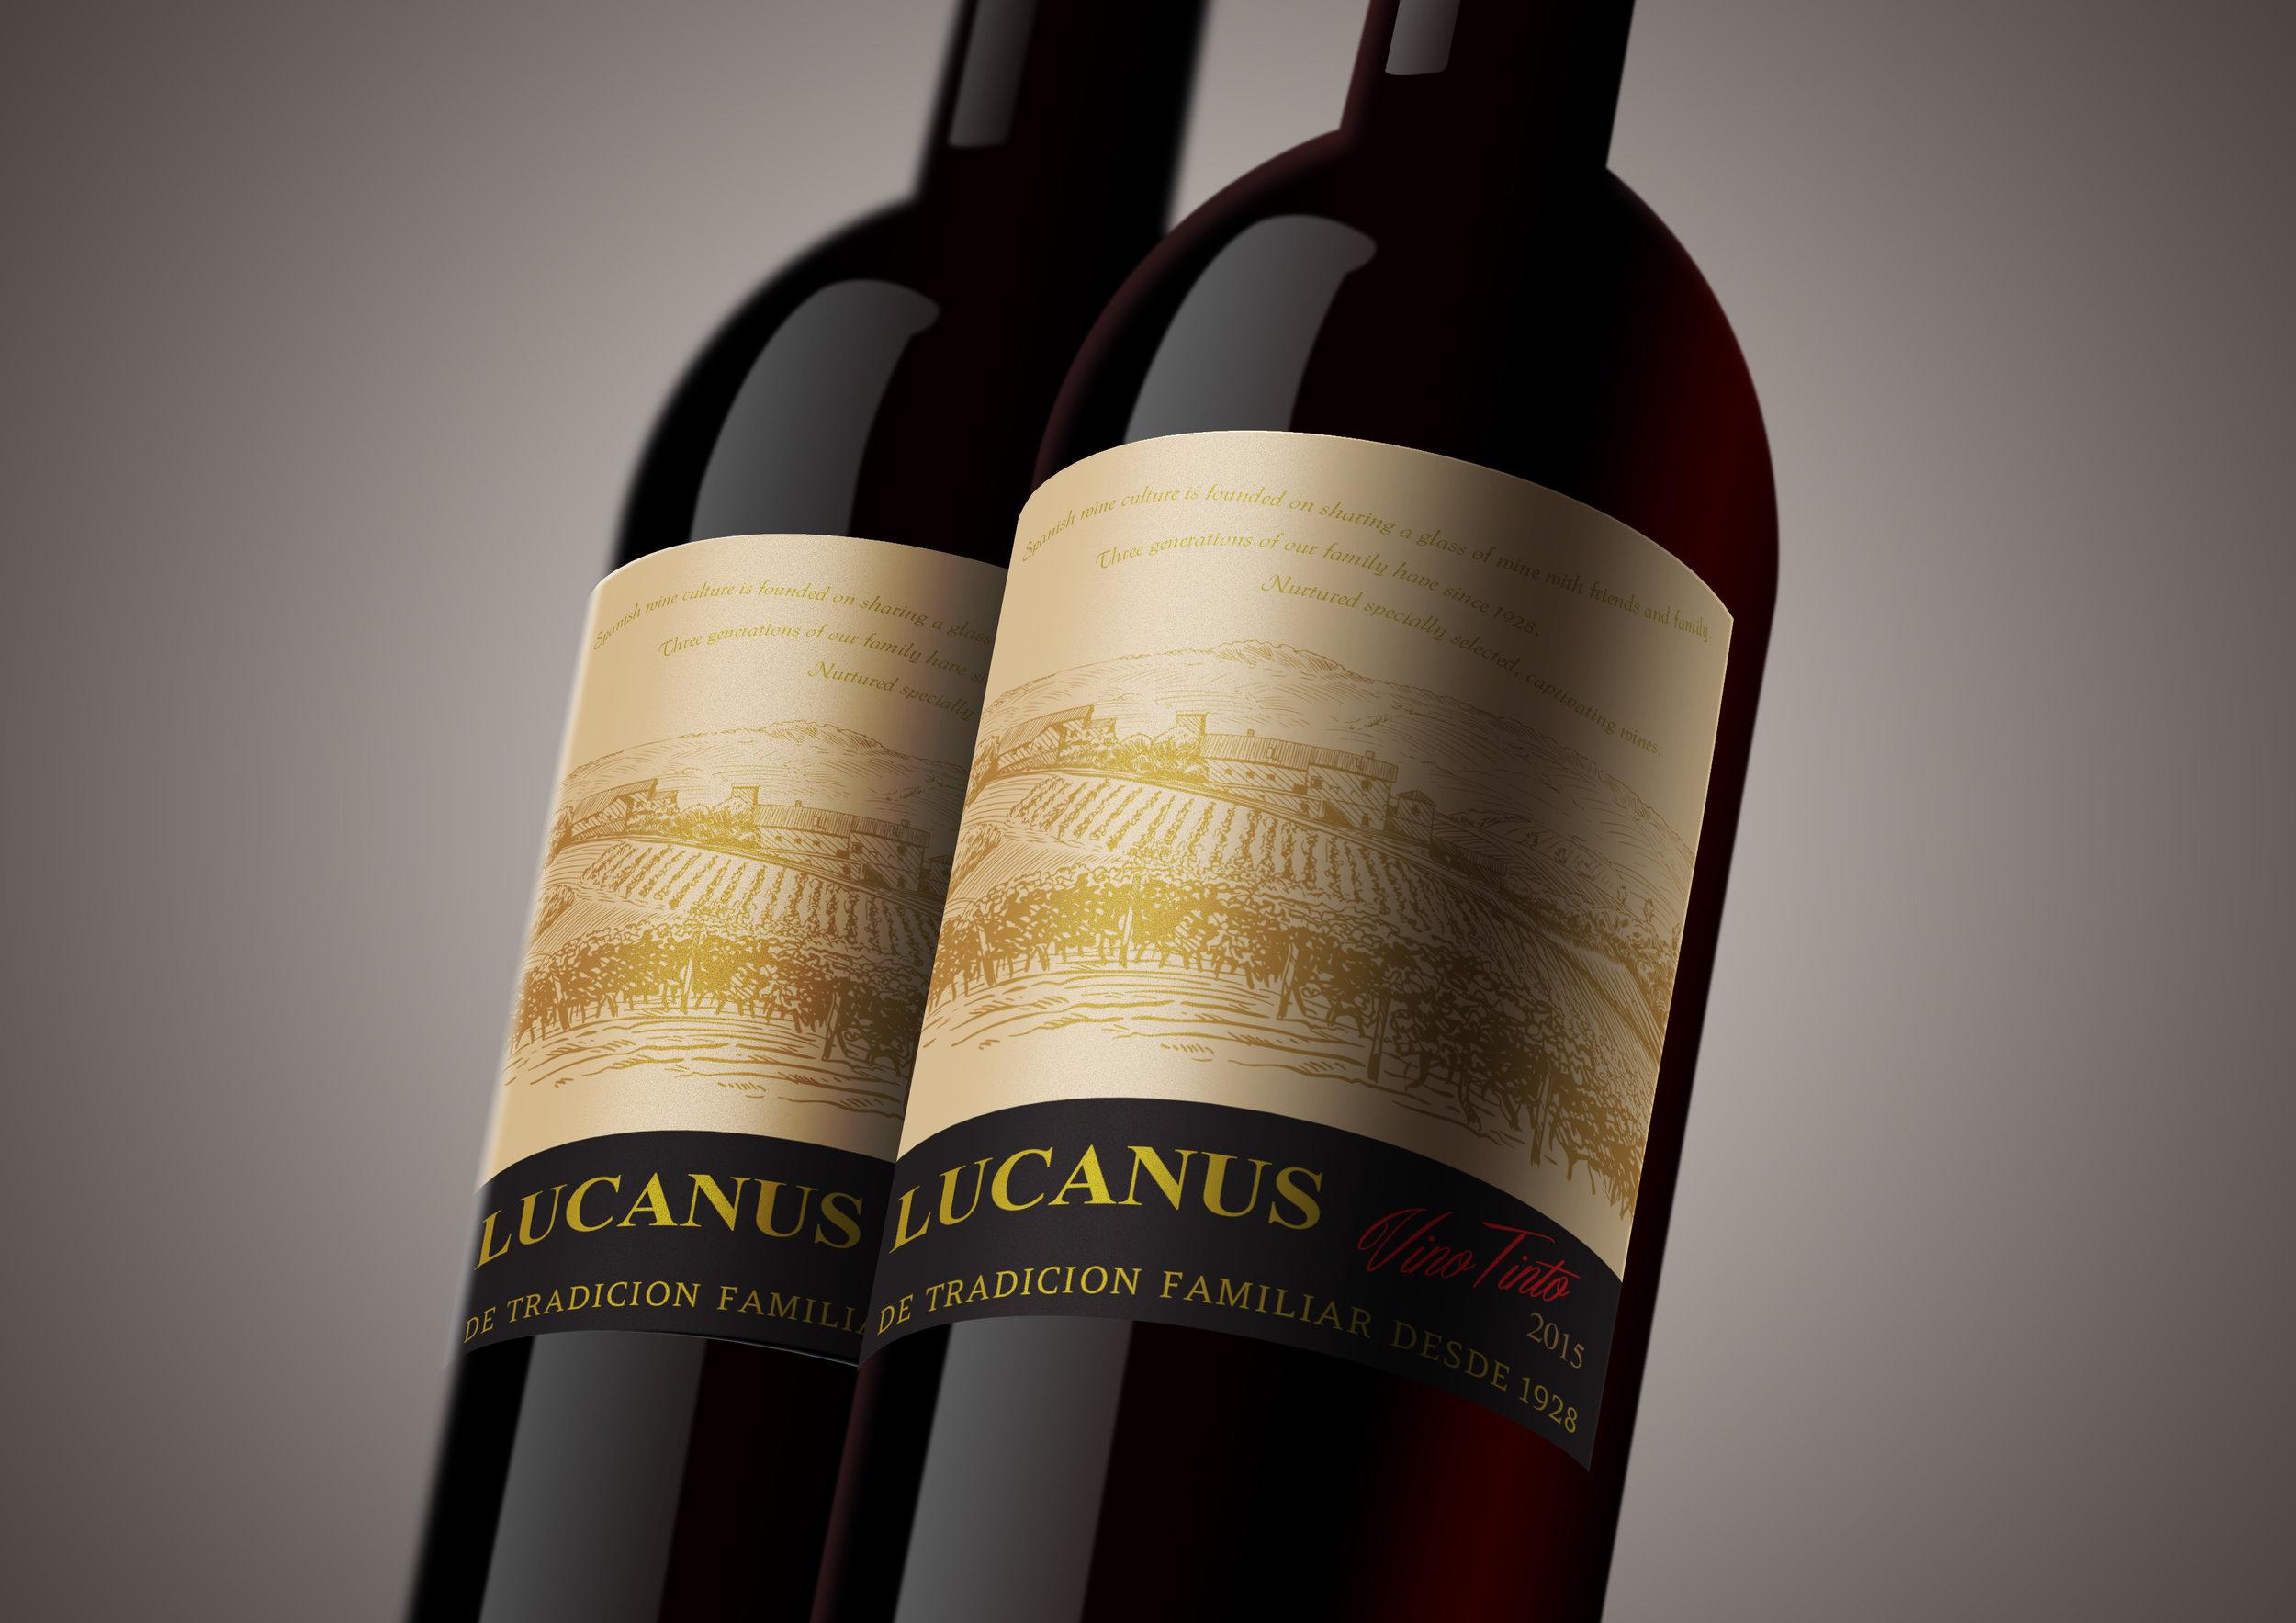 Lucanus 2 bottle shot.jpg